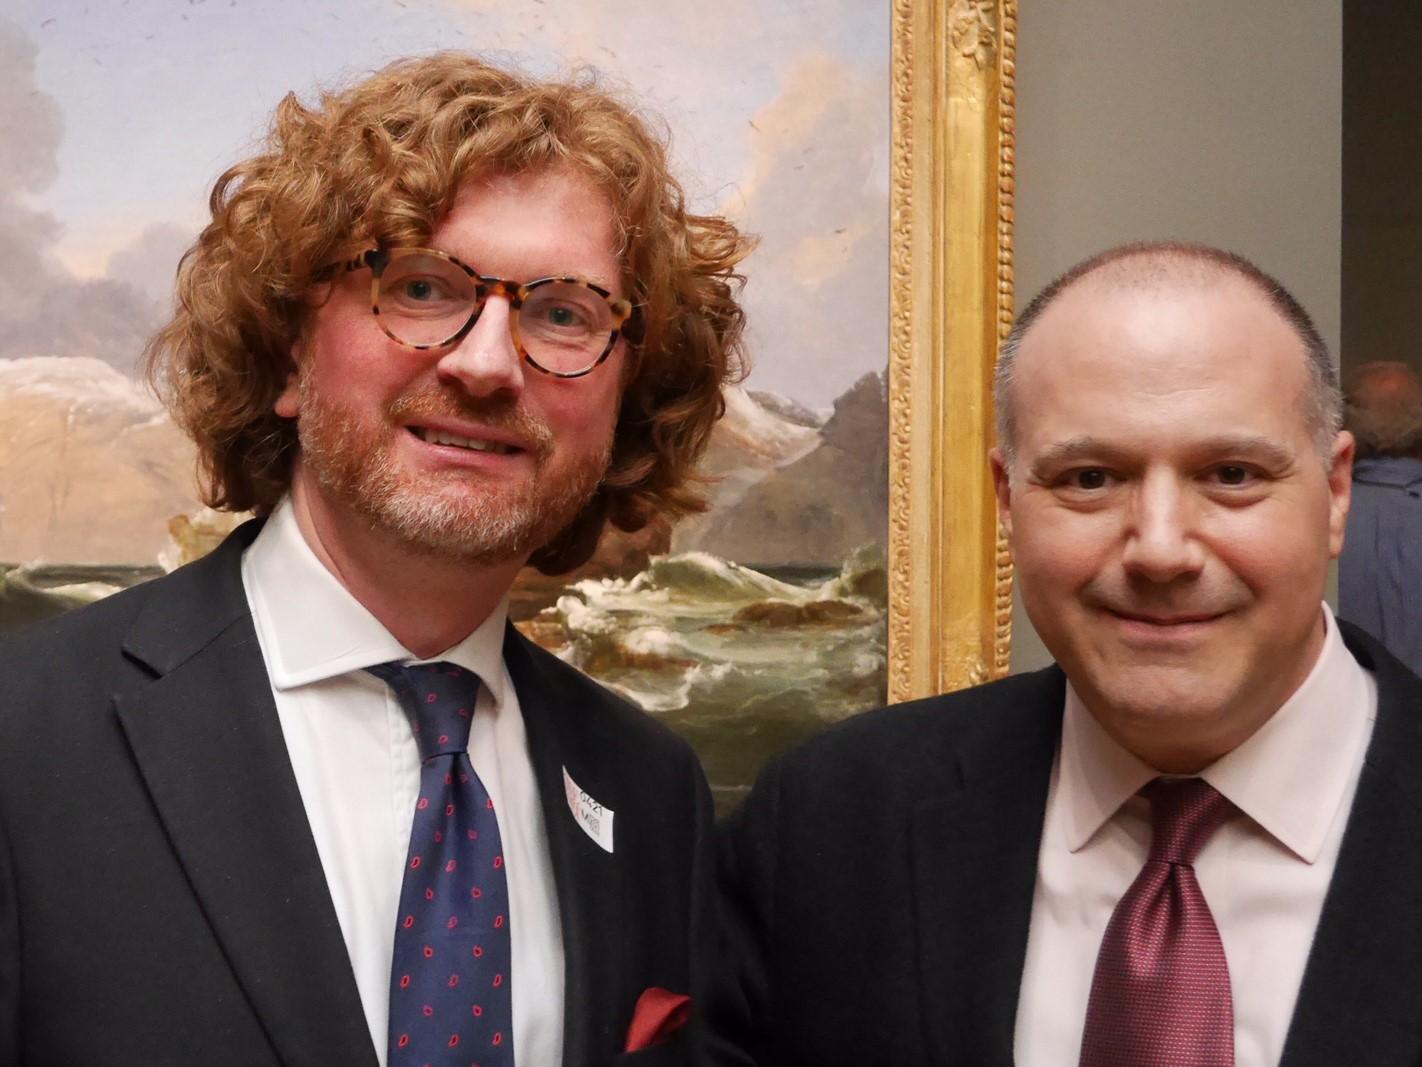 Knut Ljøgot and Aston Miller at Peder Balke in The Met